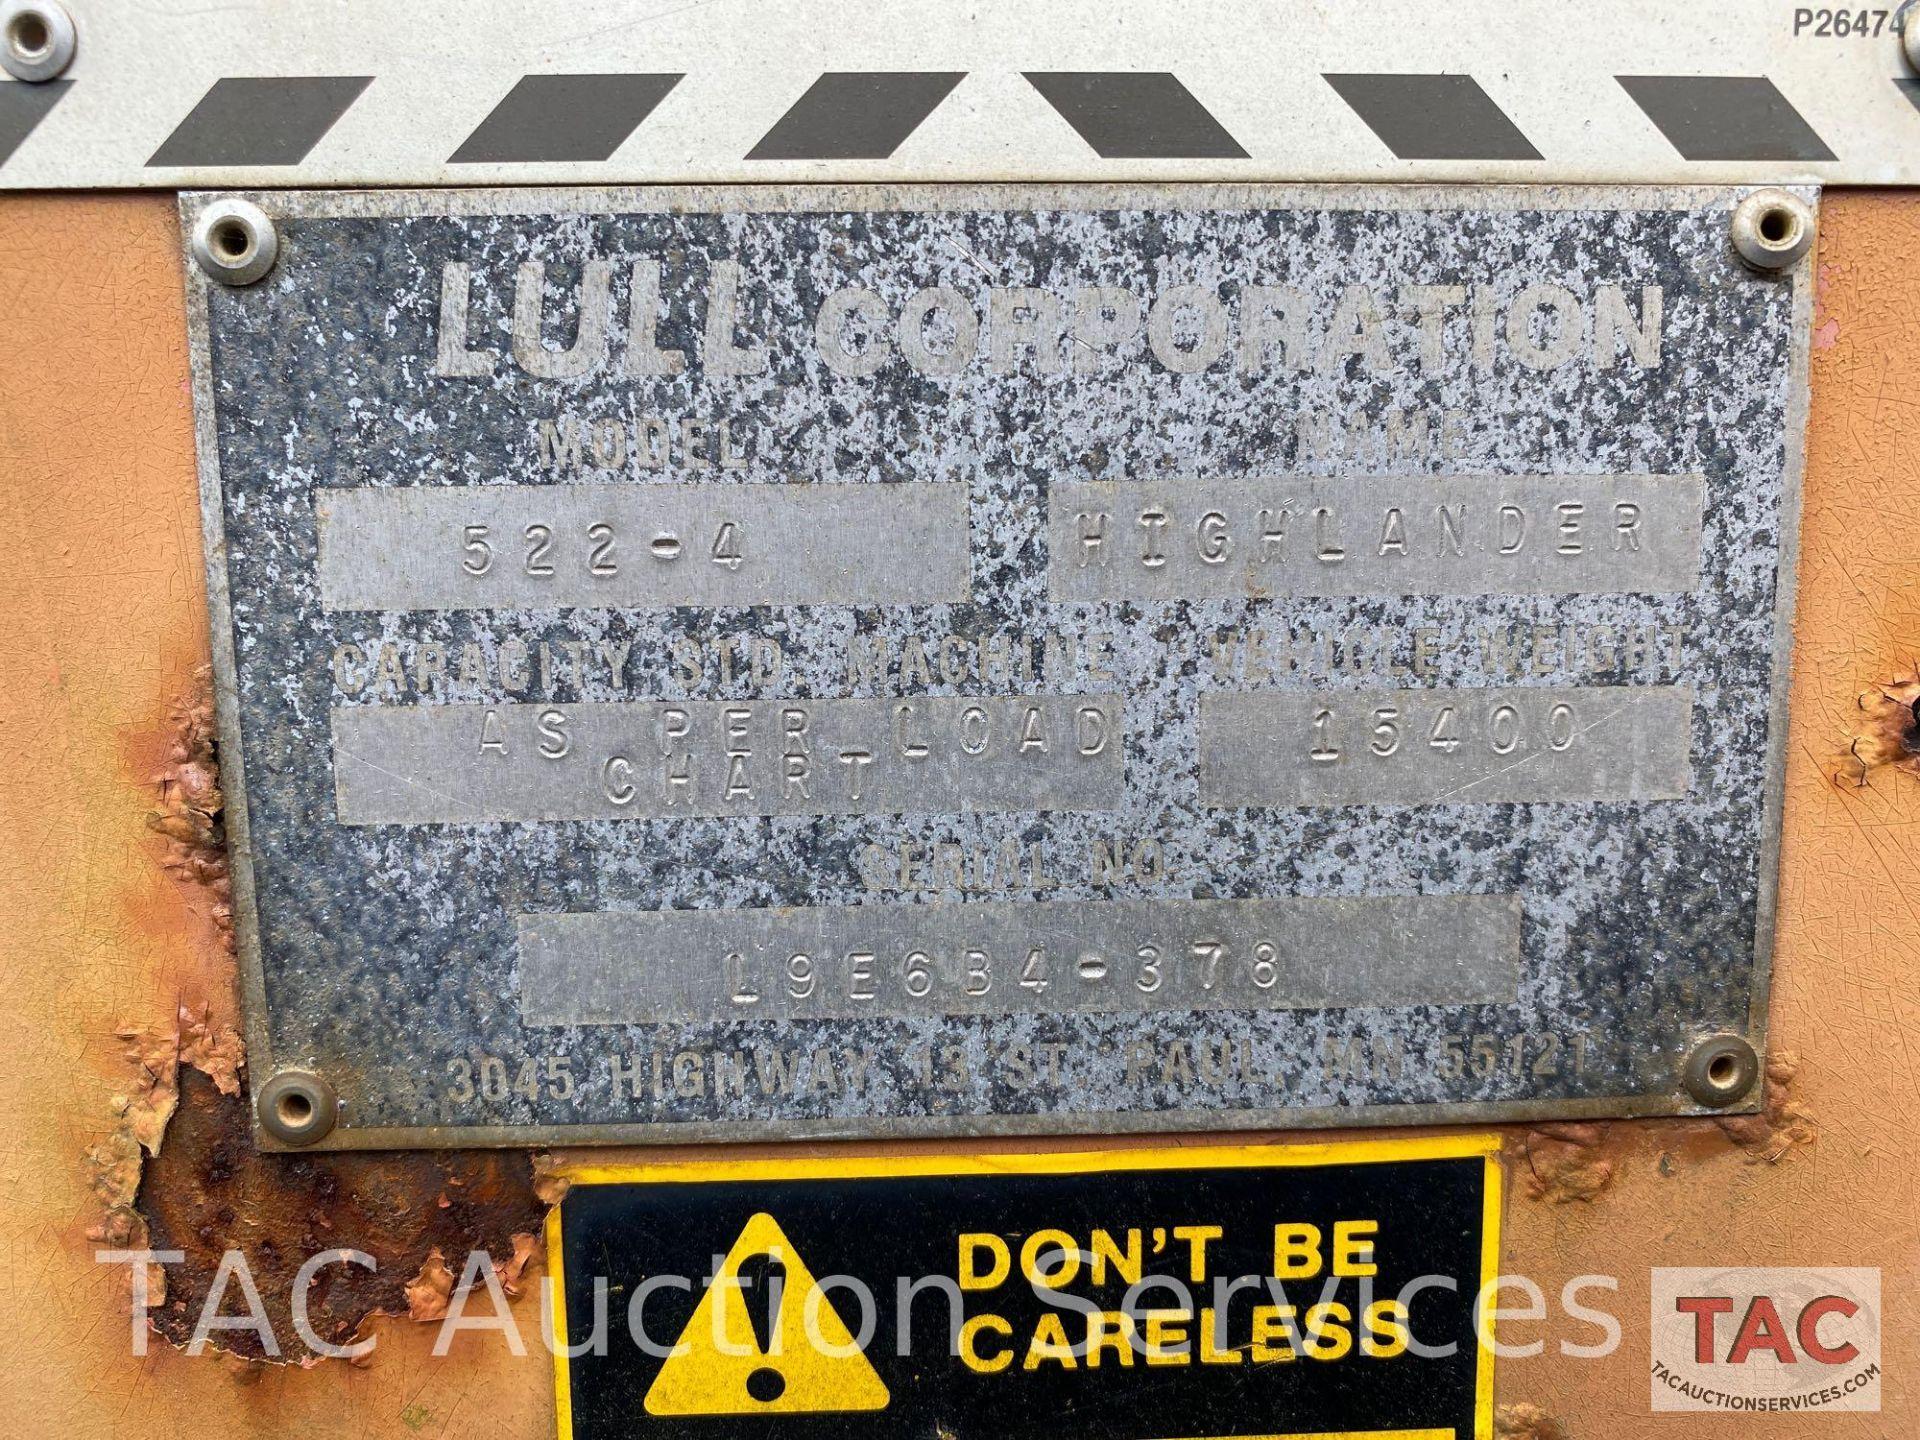 LULL 522-4 Highlander Telehandler - Image 29 of 30